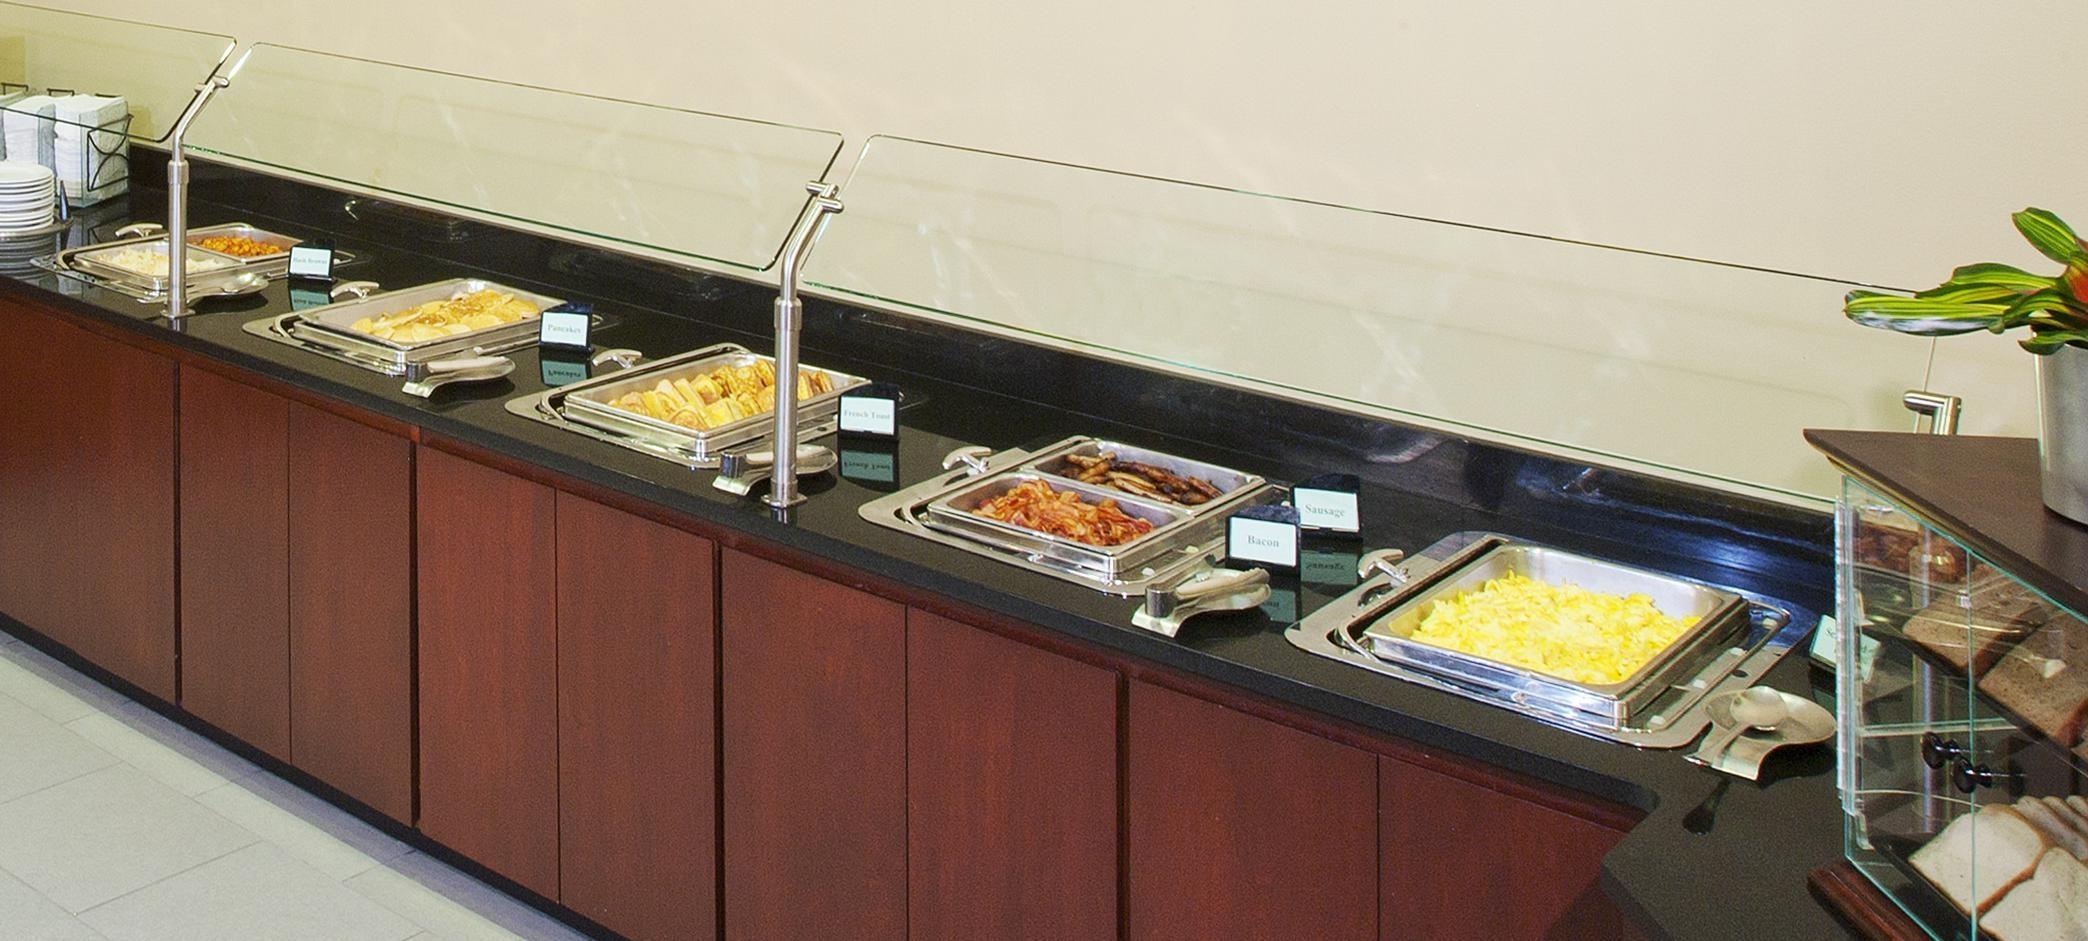 Embassy Suites by Hilton Detroit Troy Auburn Hills image 44